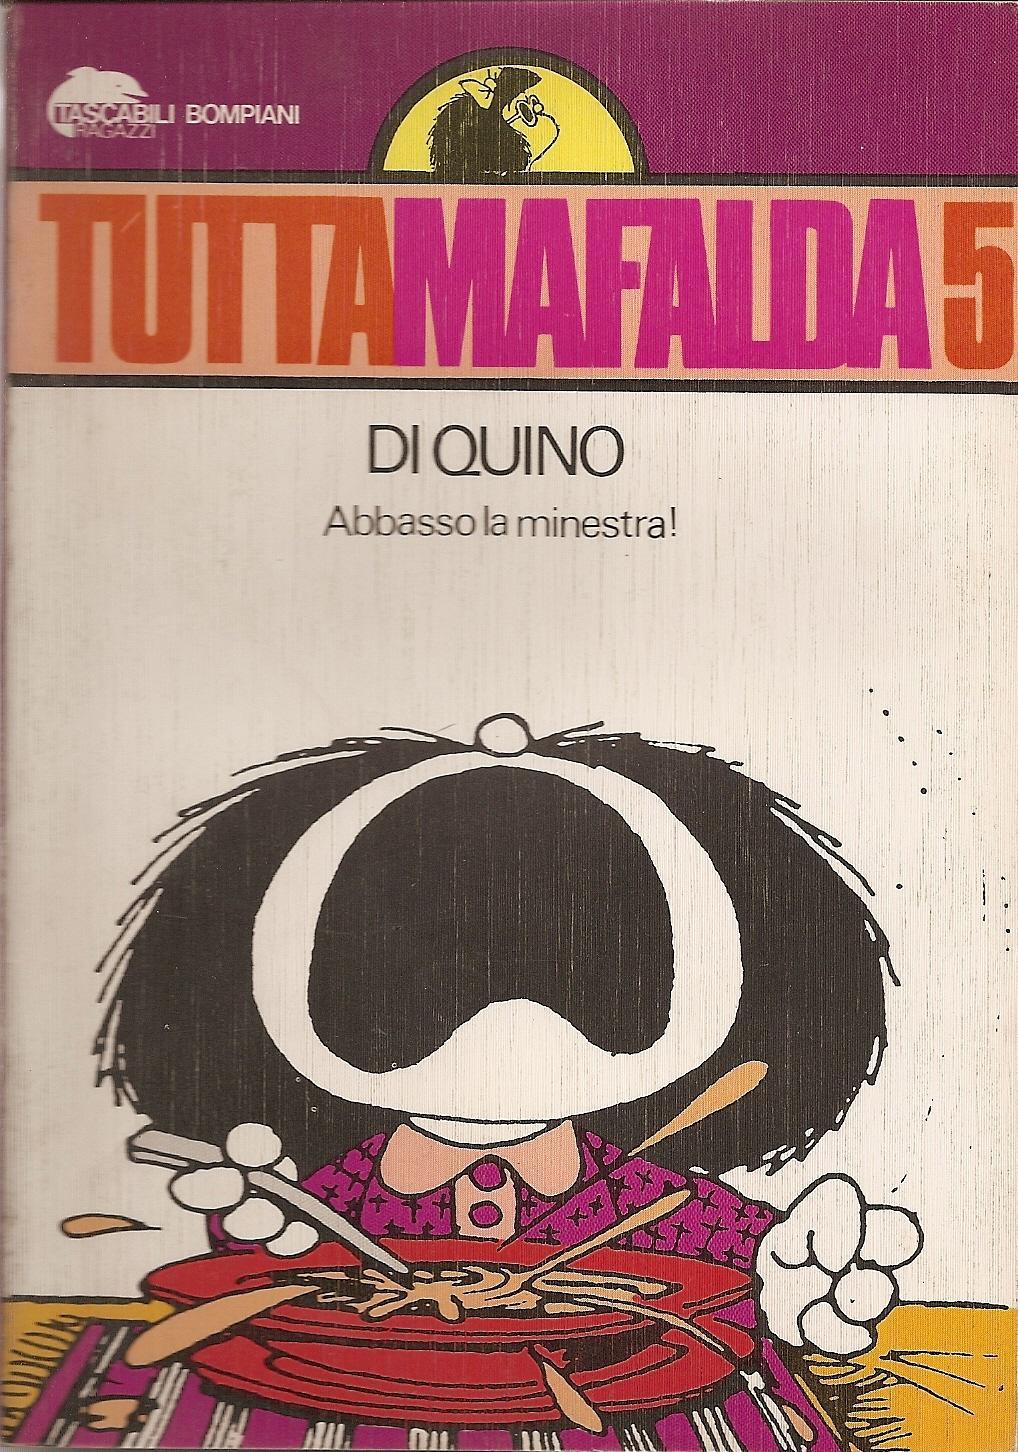 TuttaMafalda 5